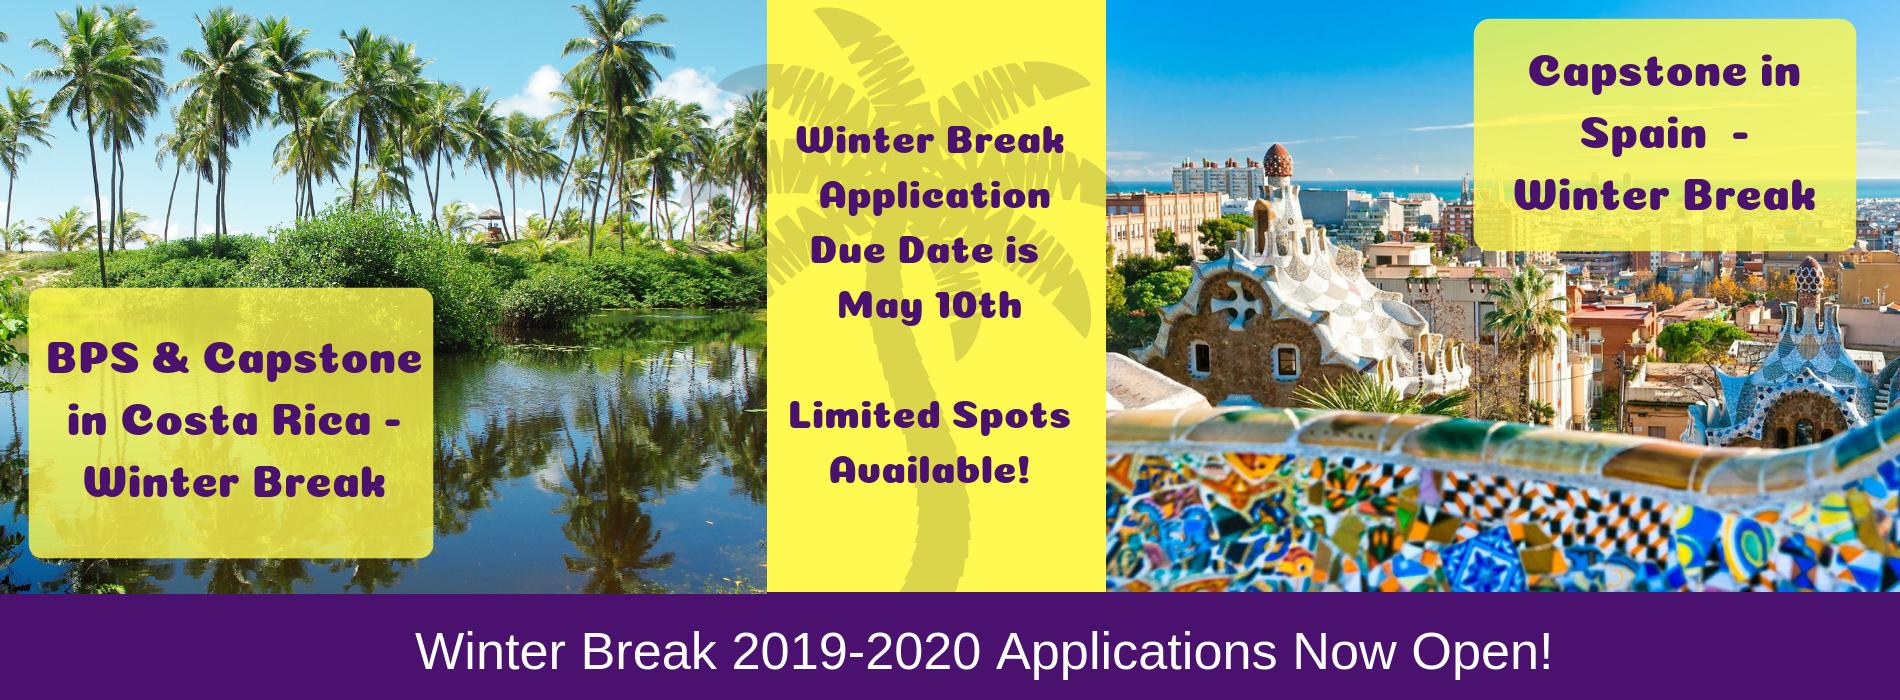 Winter Break 2019-2020 Applications Now Open!